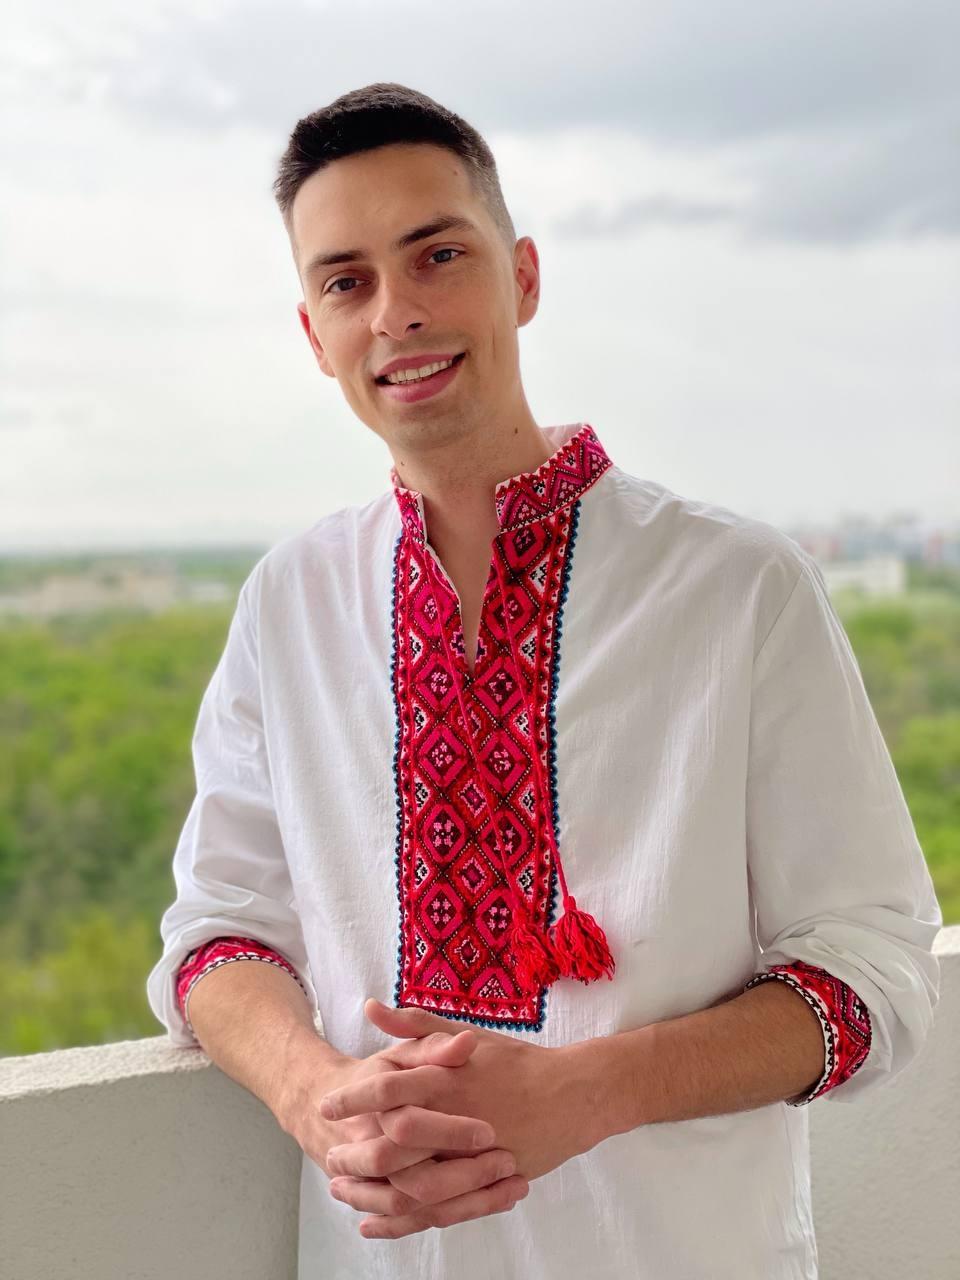 День вышиванки: украинские звезды показали свои вышиванки и рассказали об отношении к символической одежде (ФОТО) - фото №7